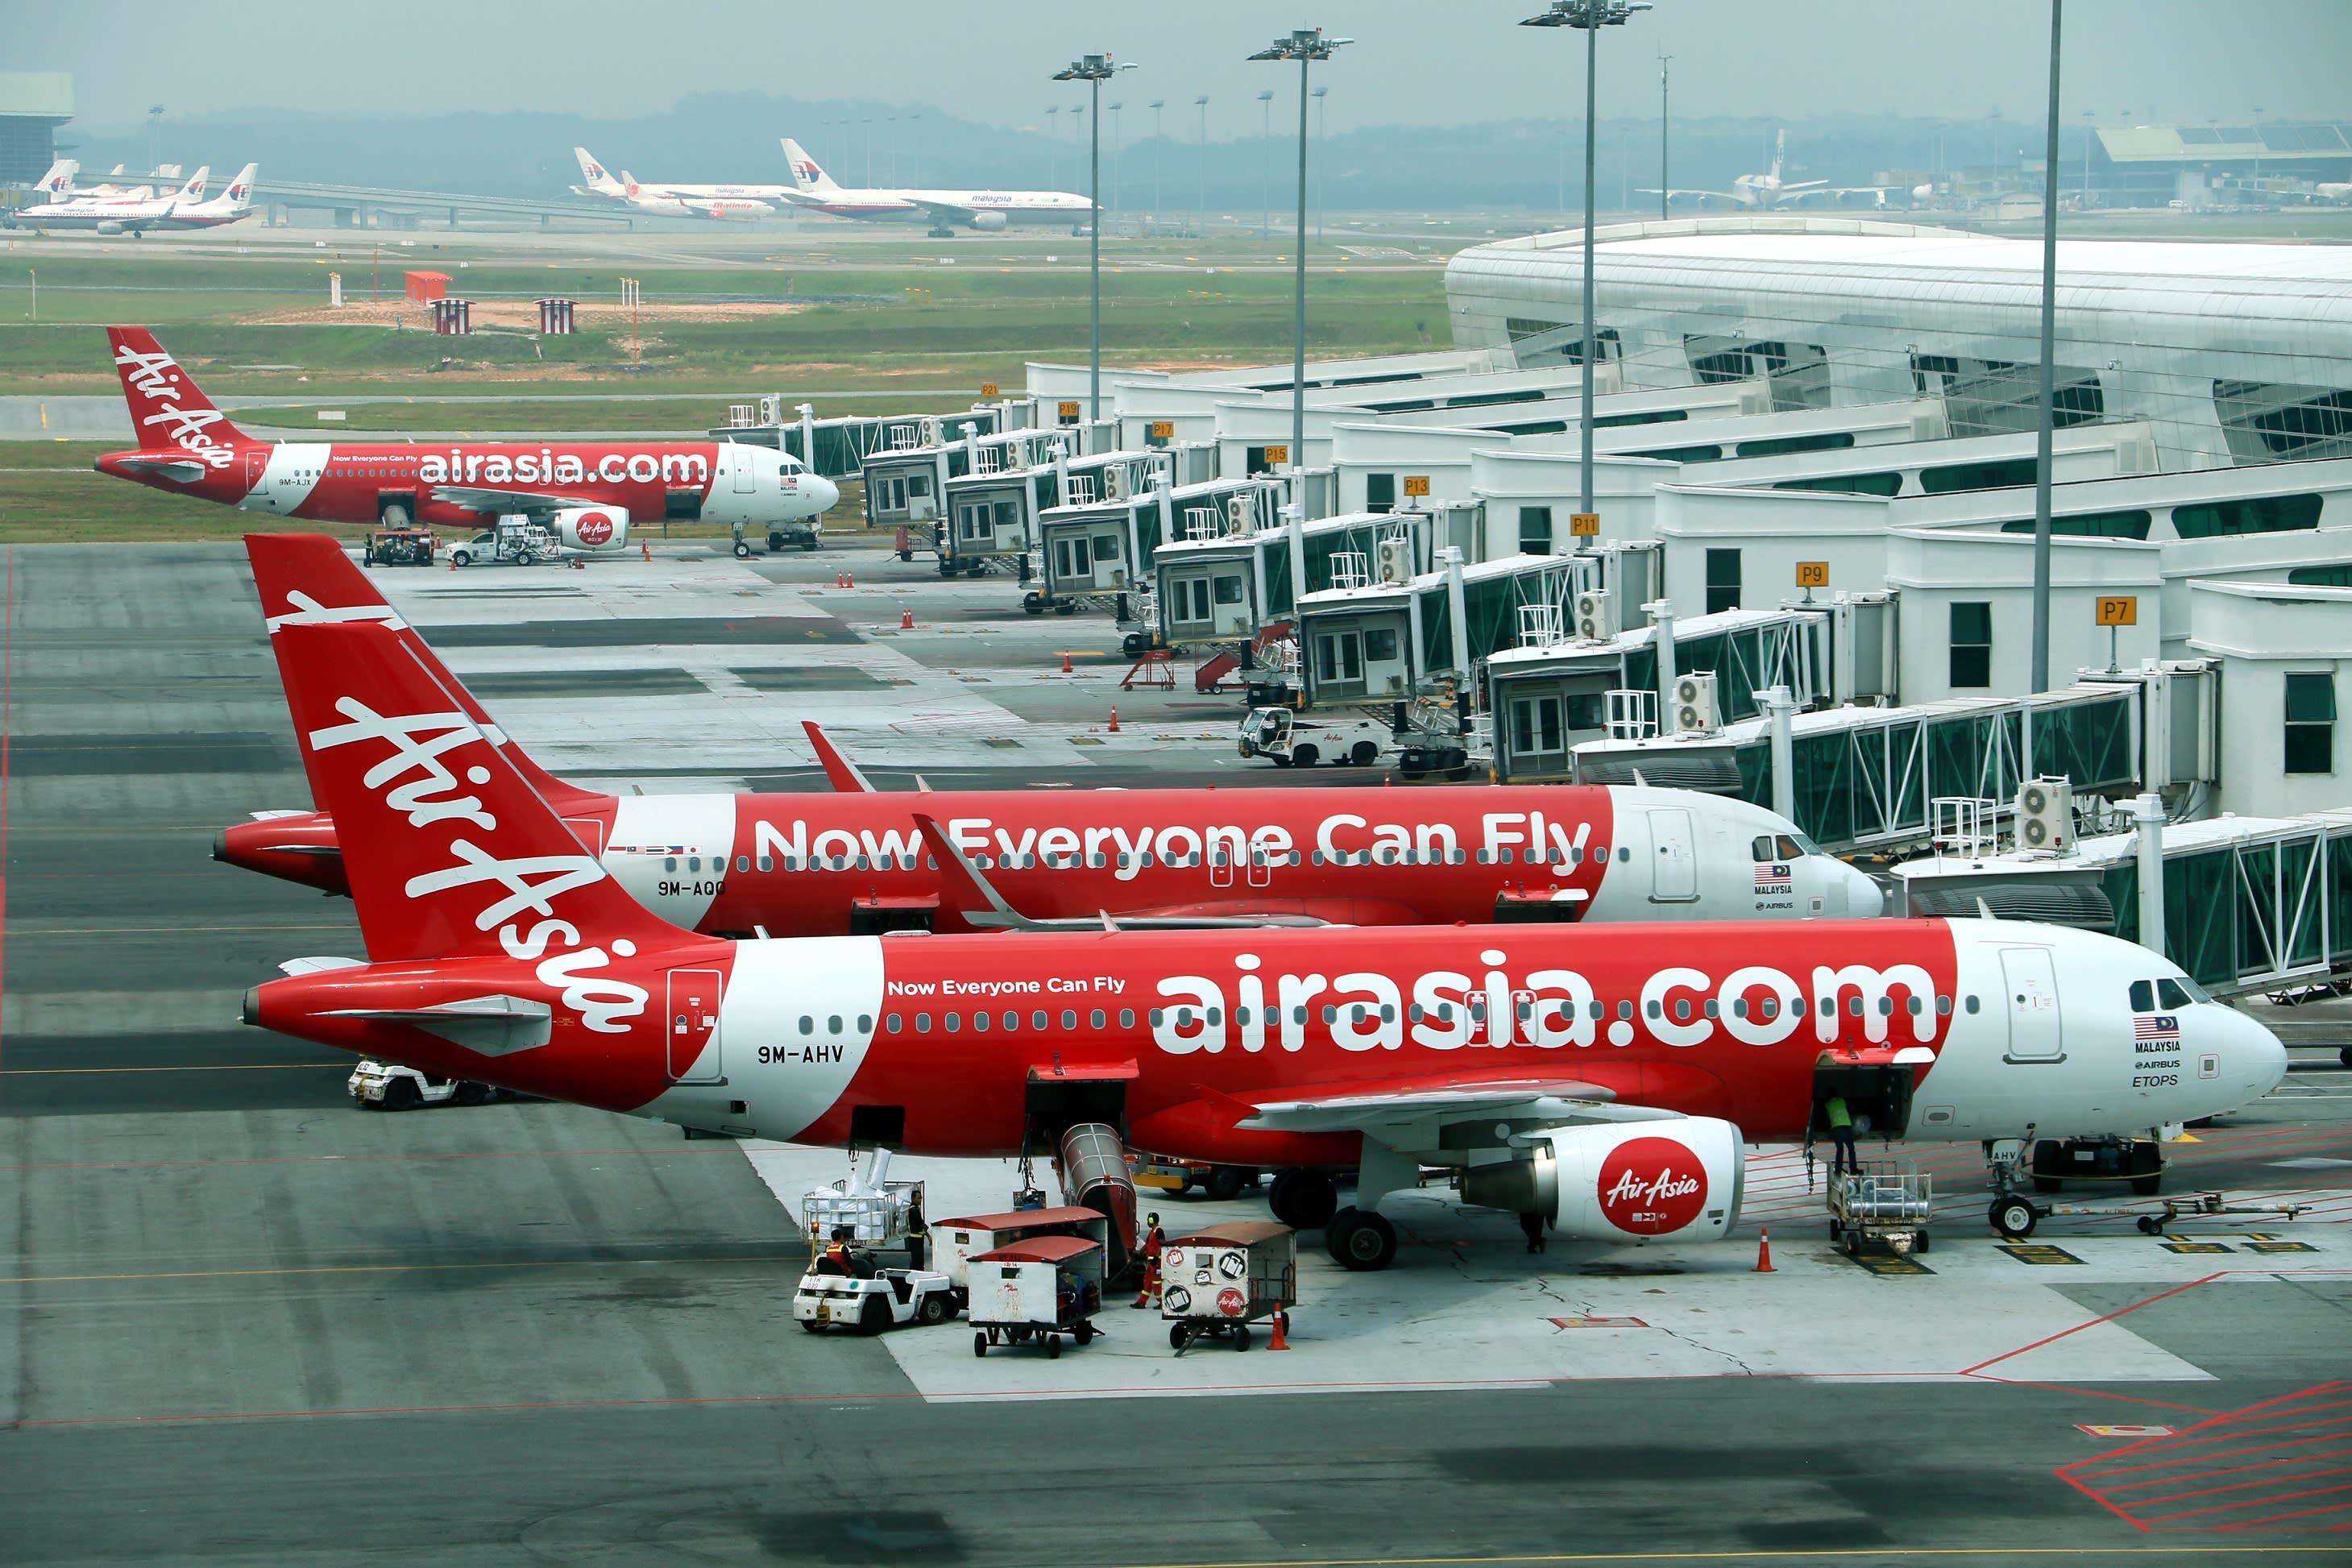 Trước Vinpearl Air, những đại gia nào đã từ bỏ giấc mơ bay trên bầu trời Việt? - 3